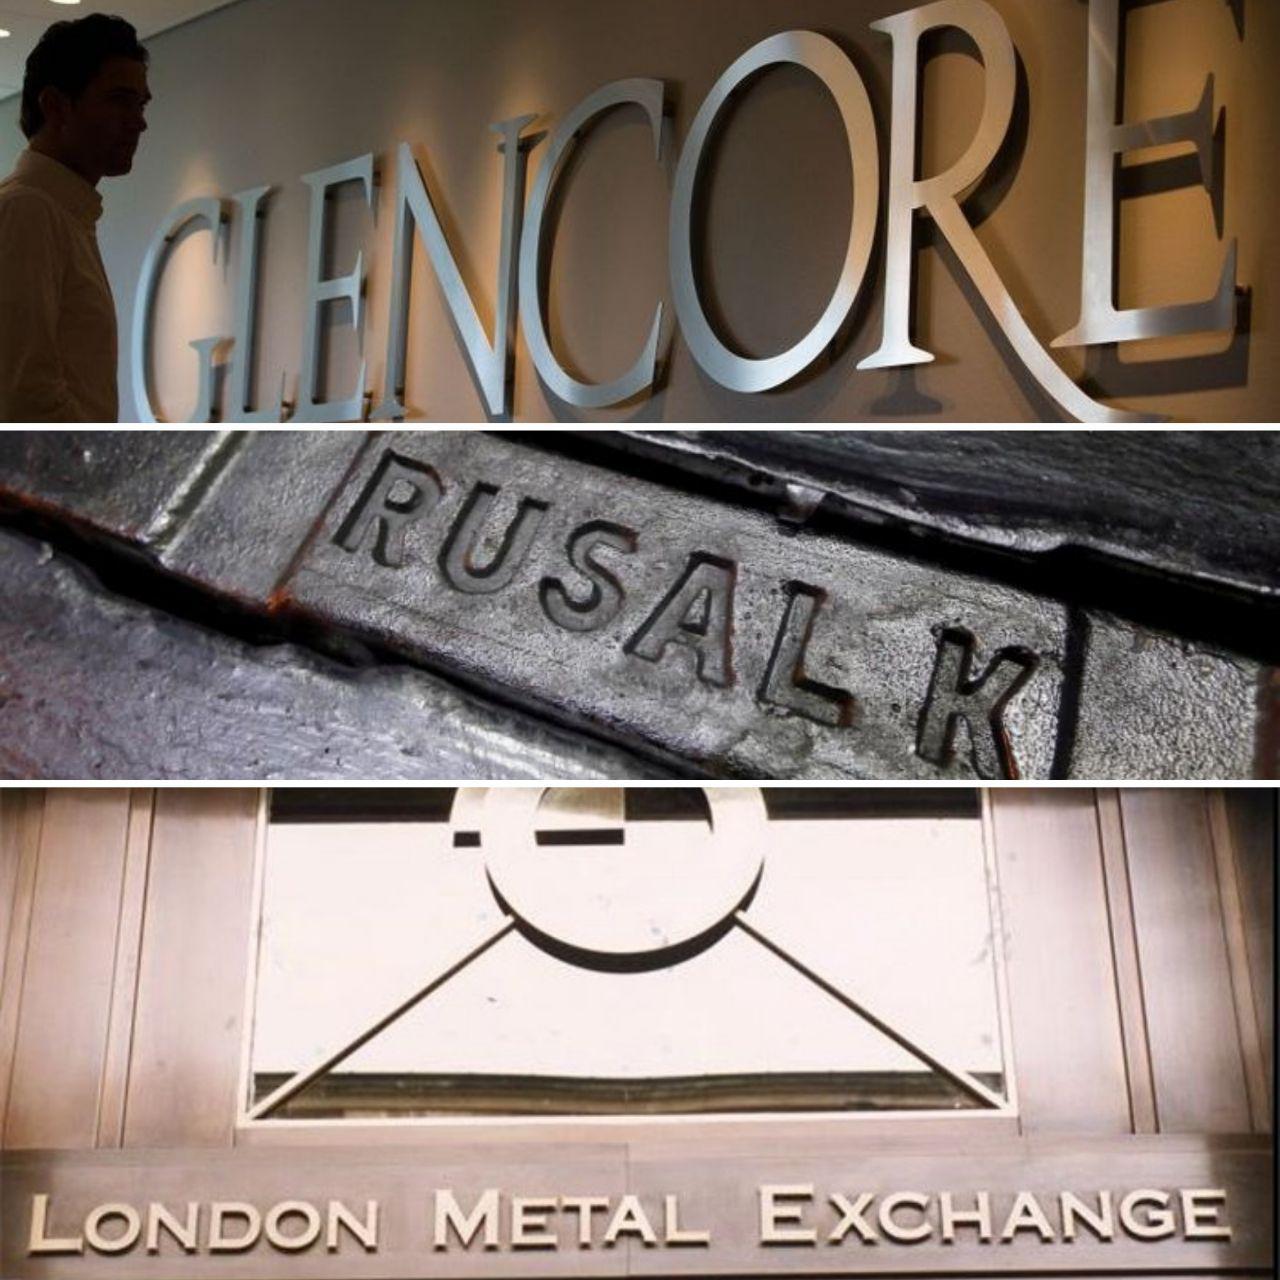 درخواست گلنکور و روسال از بورس فلزات لندن برای لغو ممنوعیت عرضه آلومینیوم روسیه